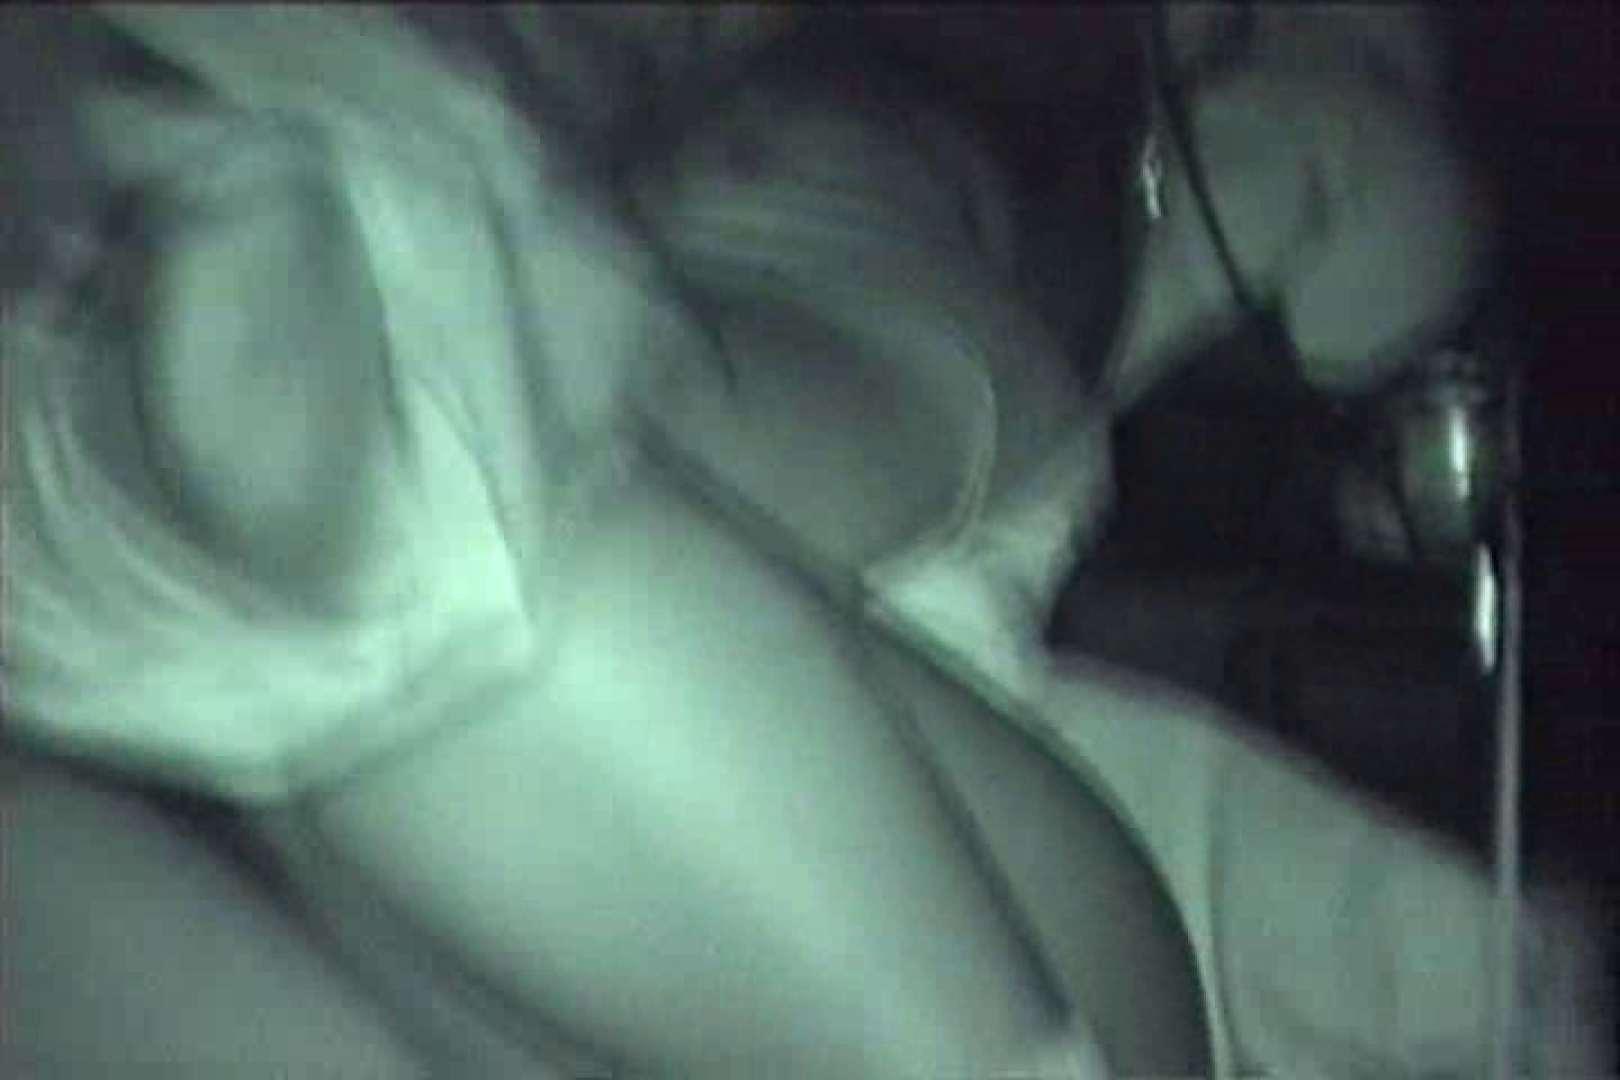 車の中はラブホテル 無修正版  Vol.21 カップル おまんこ動画流出 83pic 66